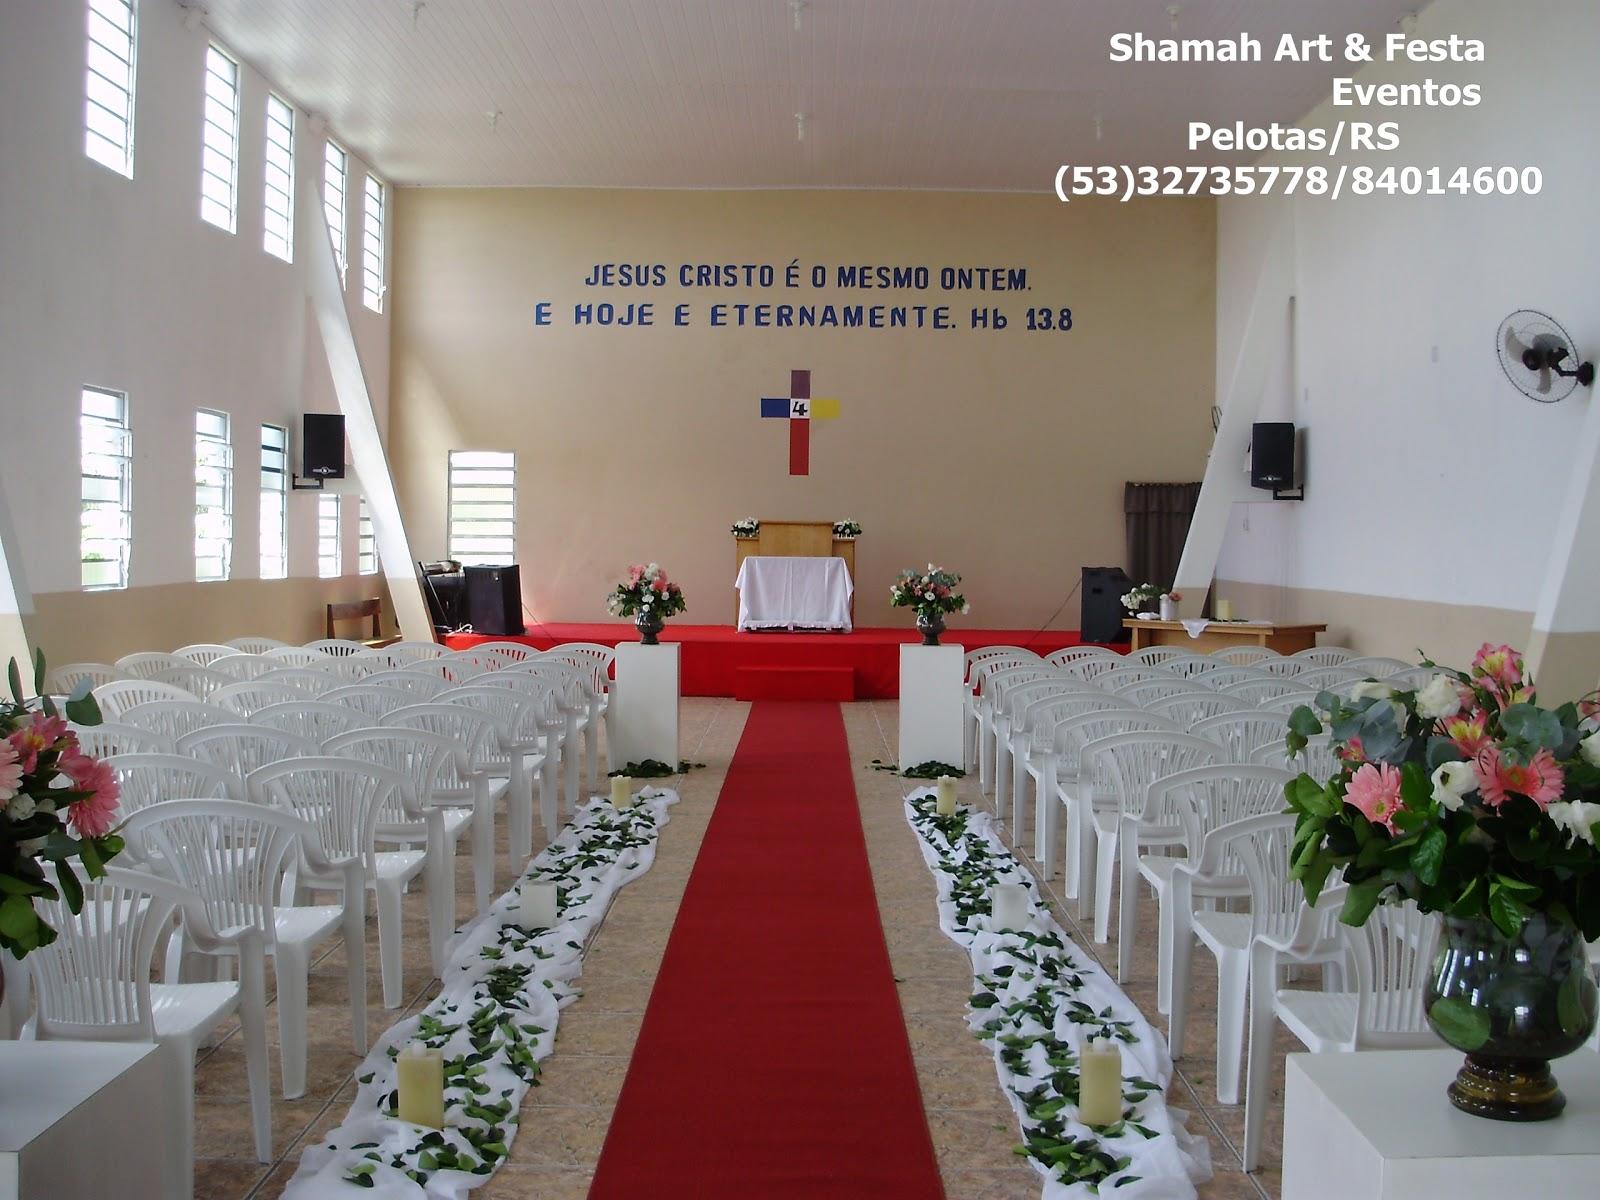 Renovação de votos Igreja Evangélica